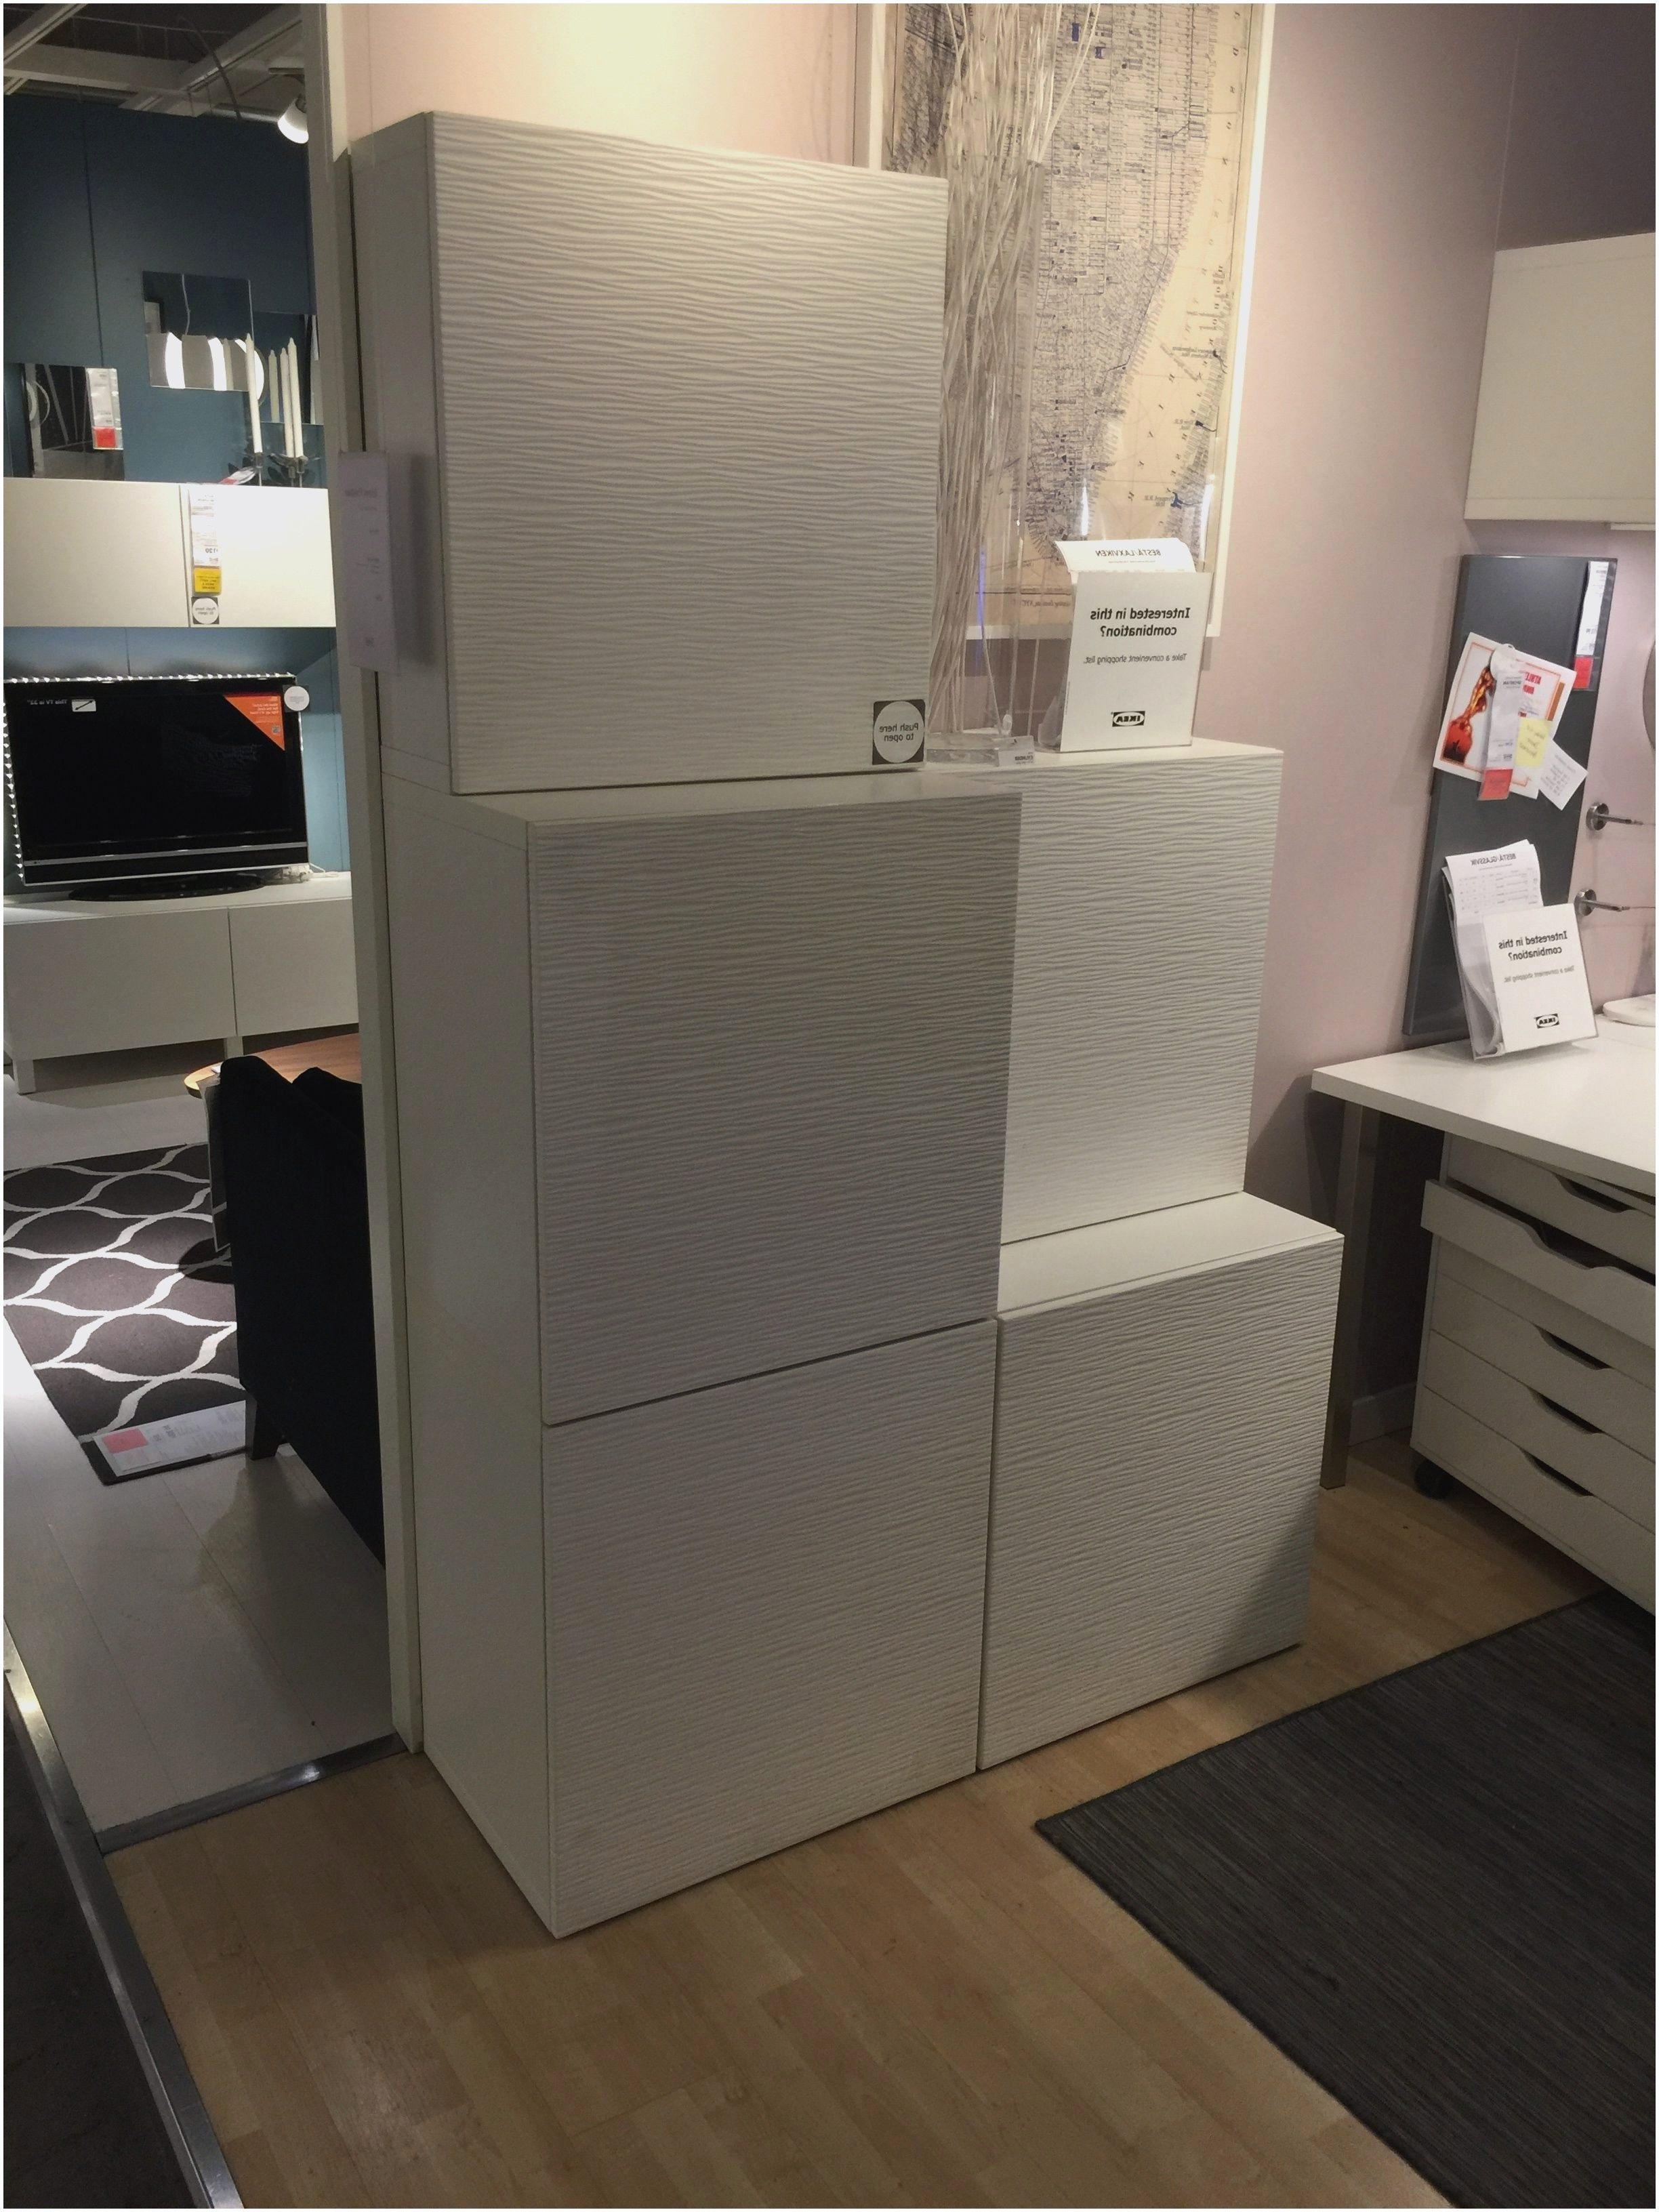 Lit Meuble Ikea Beau Lit Placard Ikea Beau Armoire Lit Escamotable Ikea Frais Lit